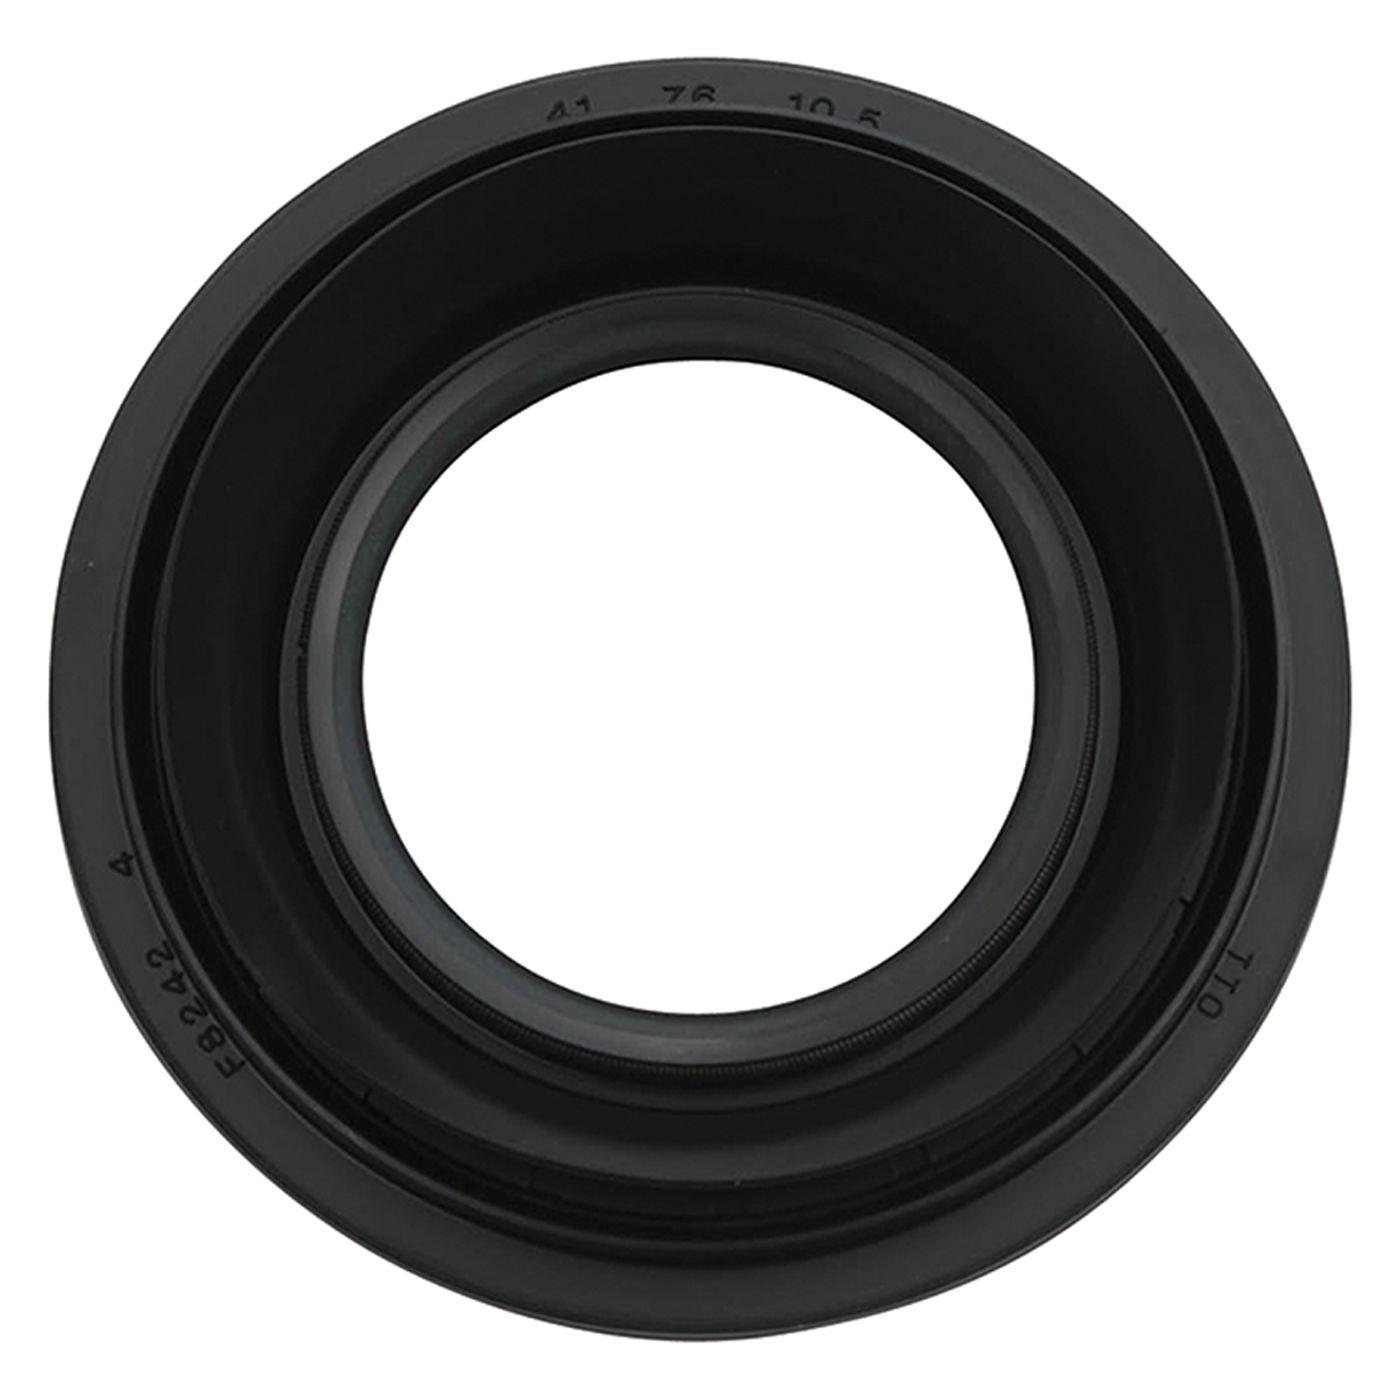 Wrp Brake Drum Seals - WRP307602 image